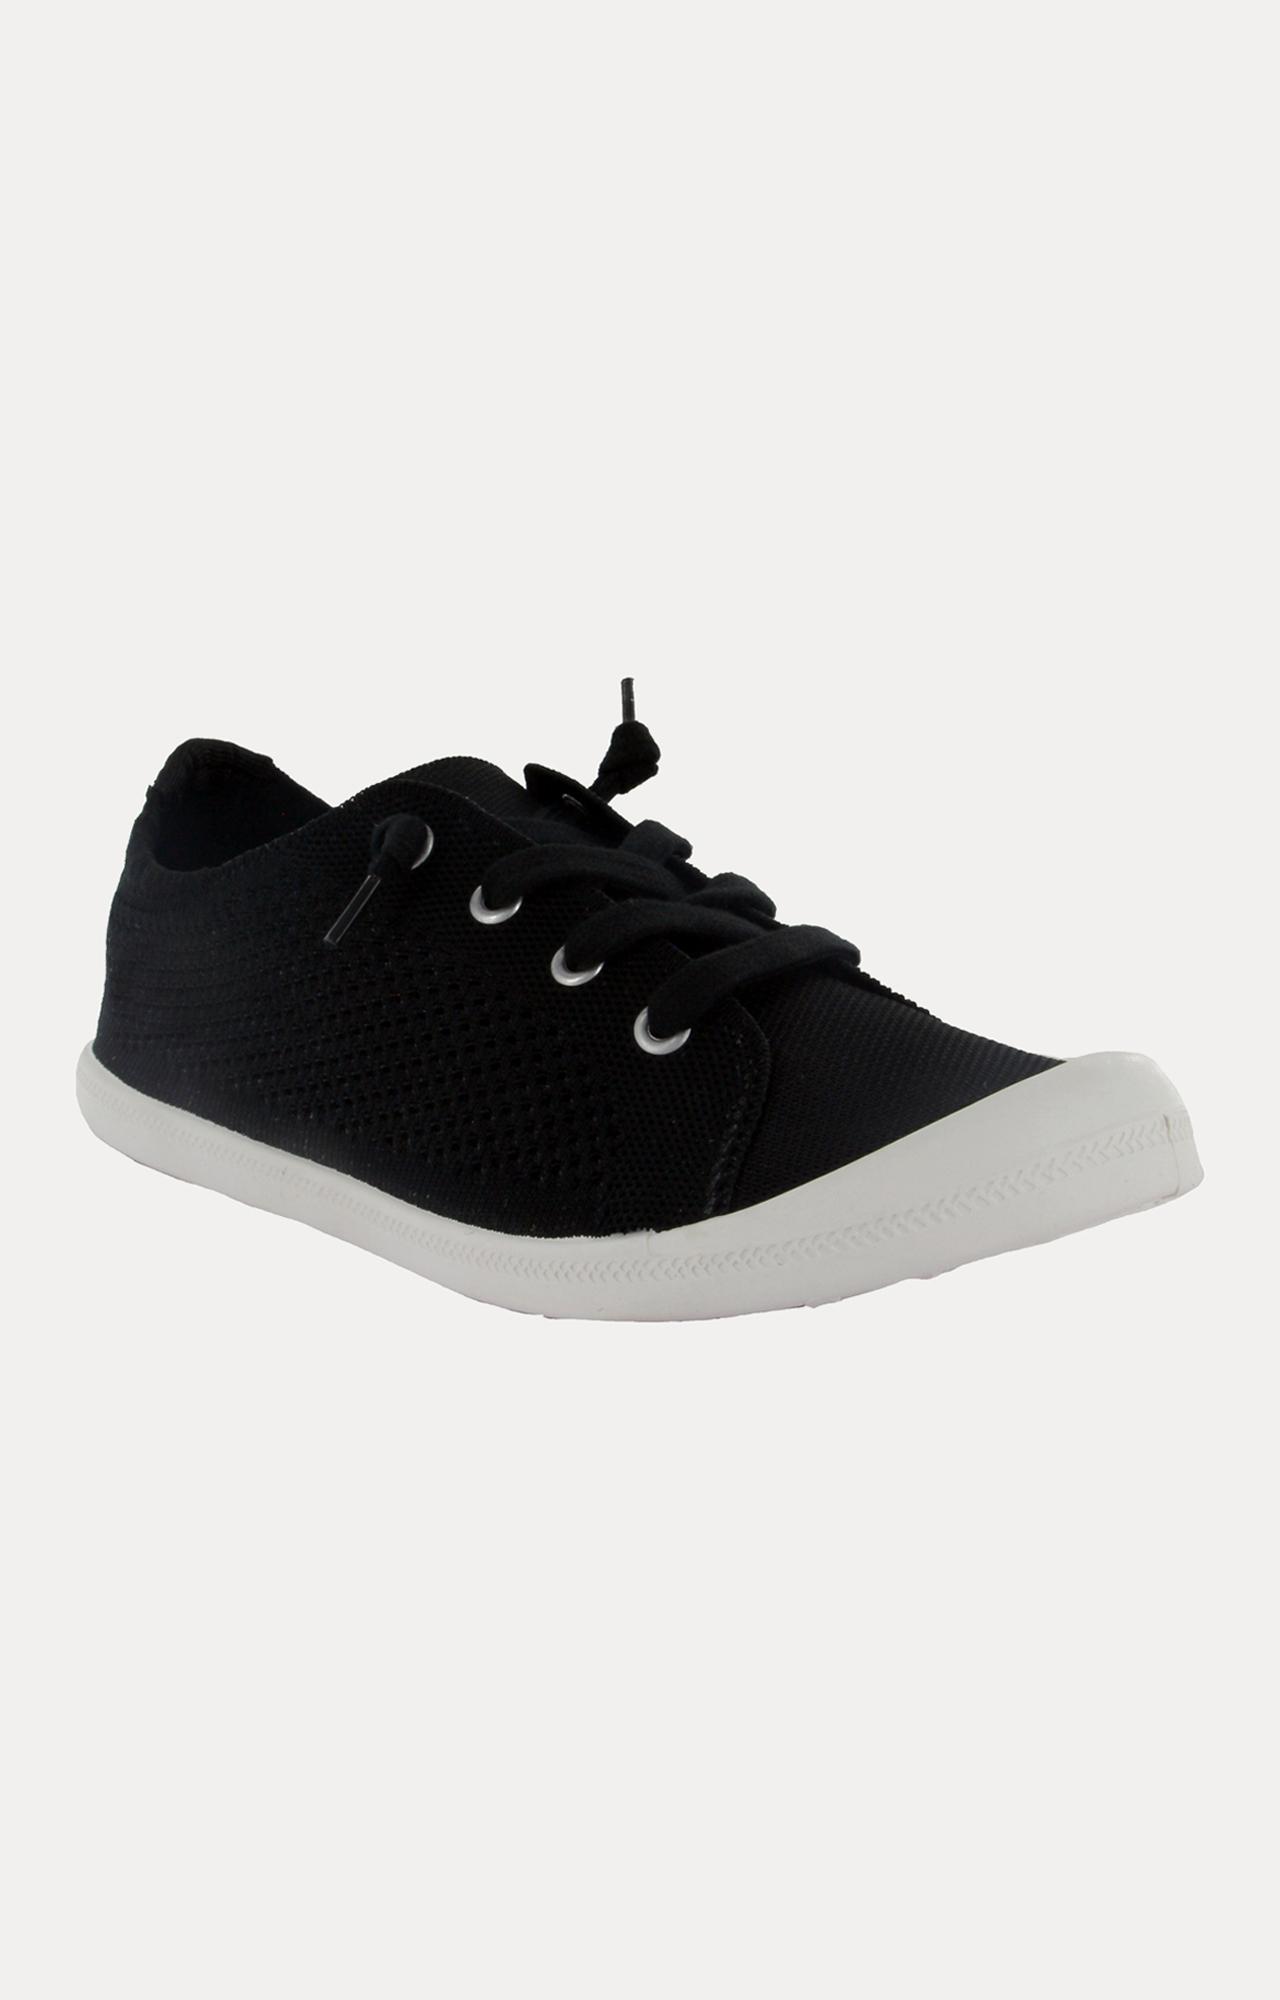 STEVE MADDEN   Black Sneakers